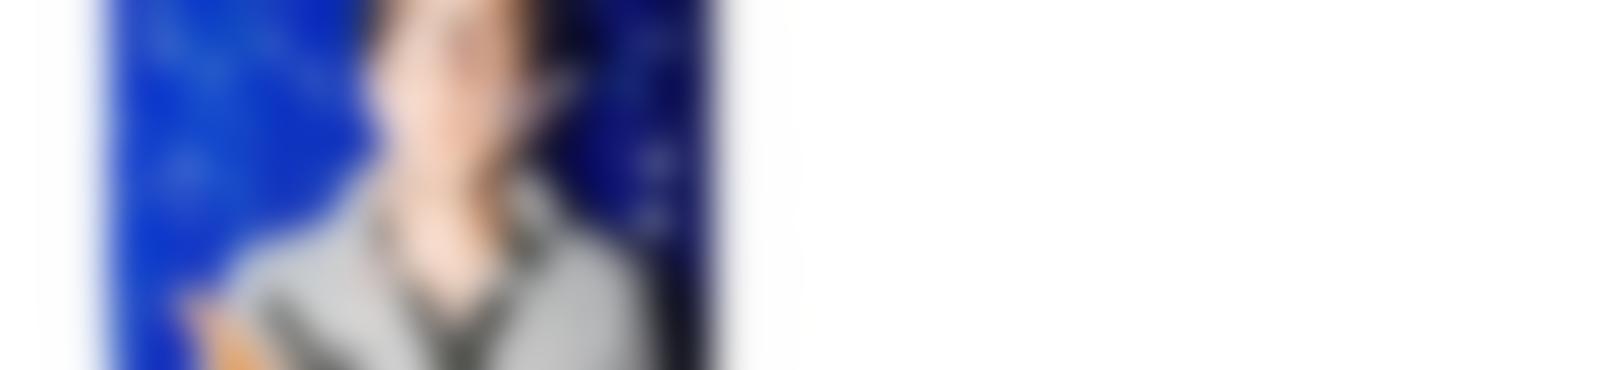 Blurred bb01655d fb0f 48c6 953d 259ff2a49a6f